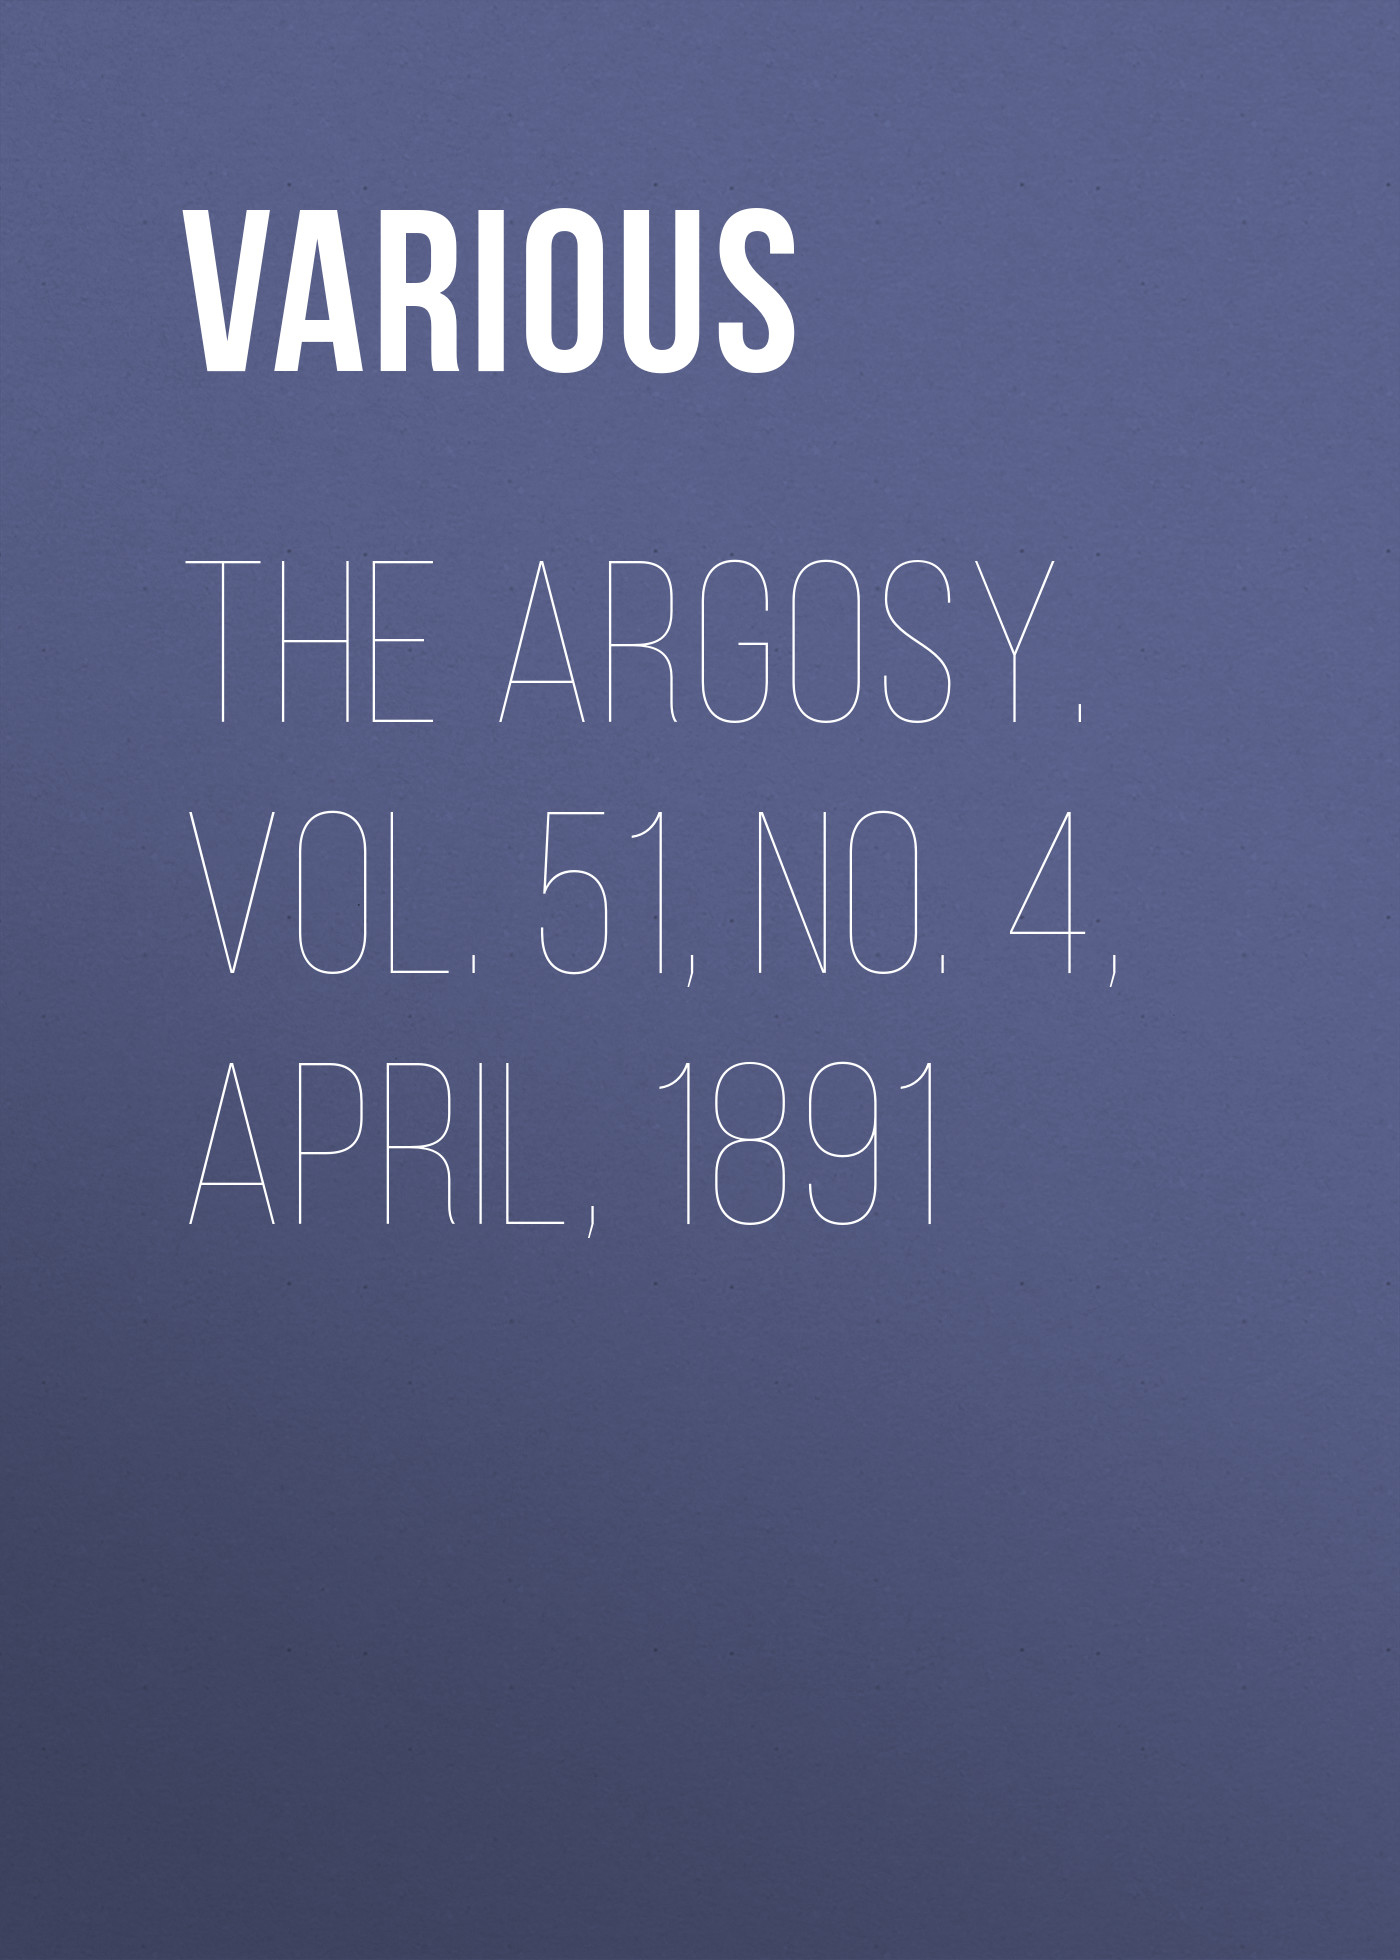 купить Various The Argosy. Vol. 51, No. 4, April, 1891 по цене 0 рублей